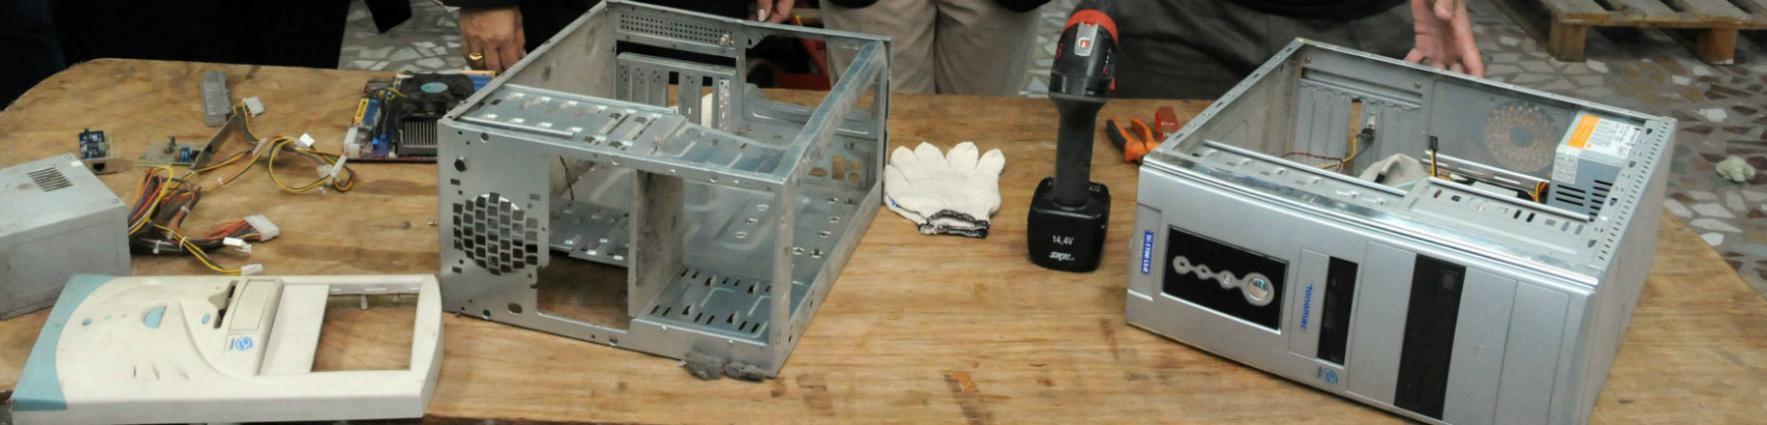 Capacitación tecnológica reciclado informático